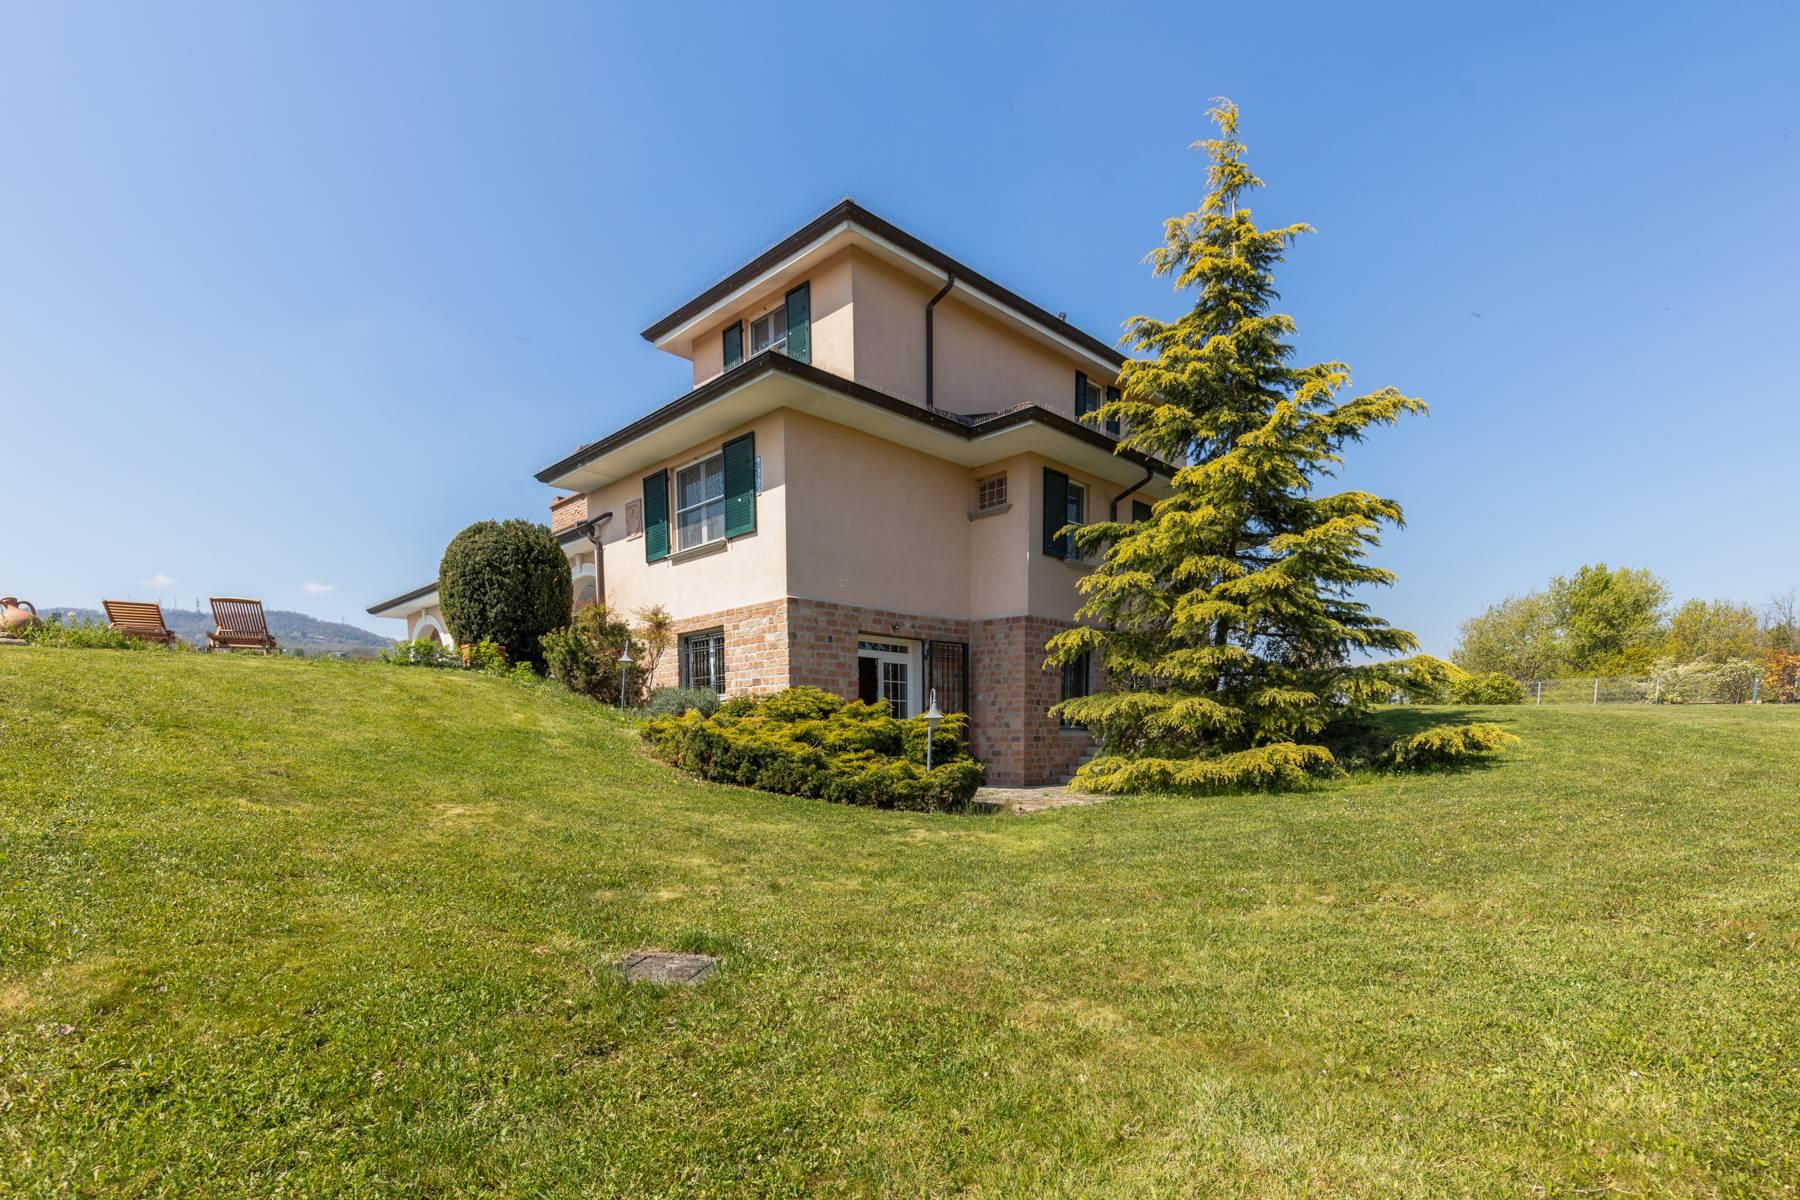 Villa in Vendita a Gazzola: 5 locali, 430 mq - Foto 30